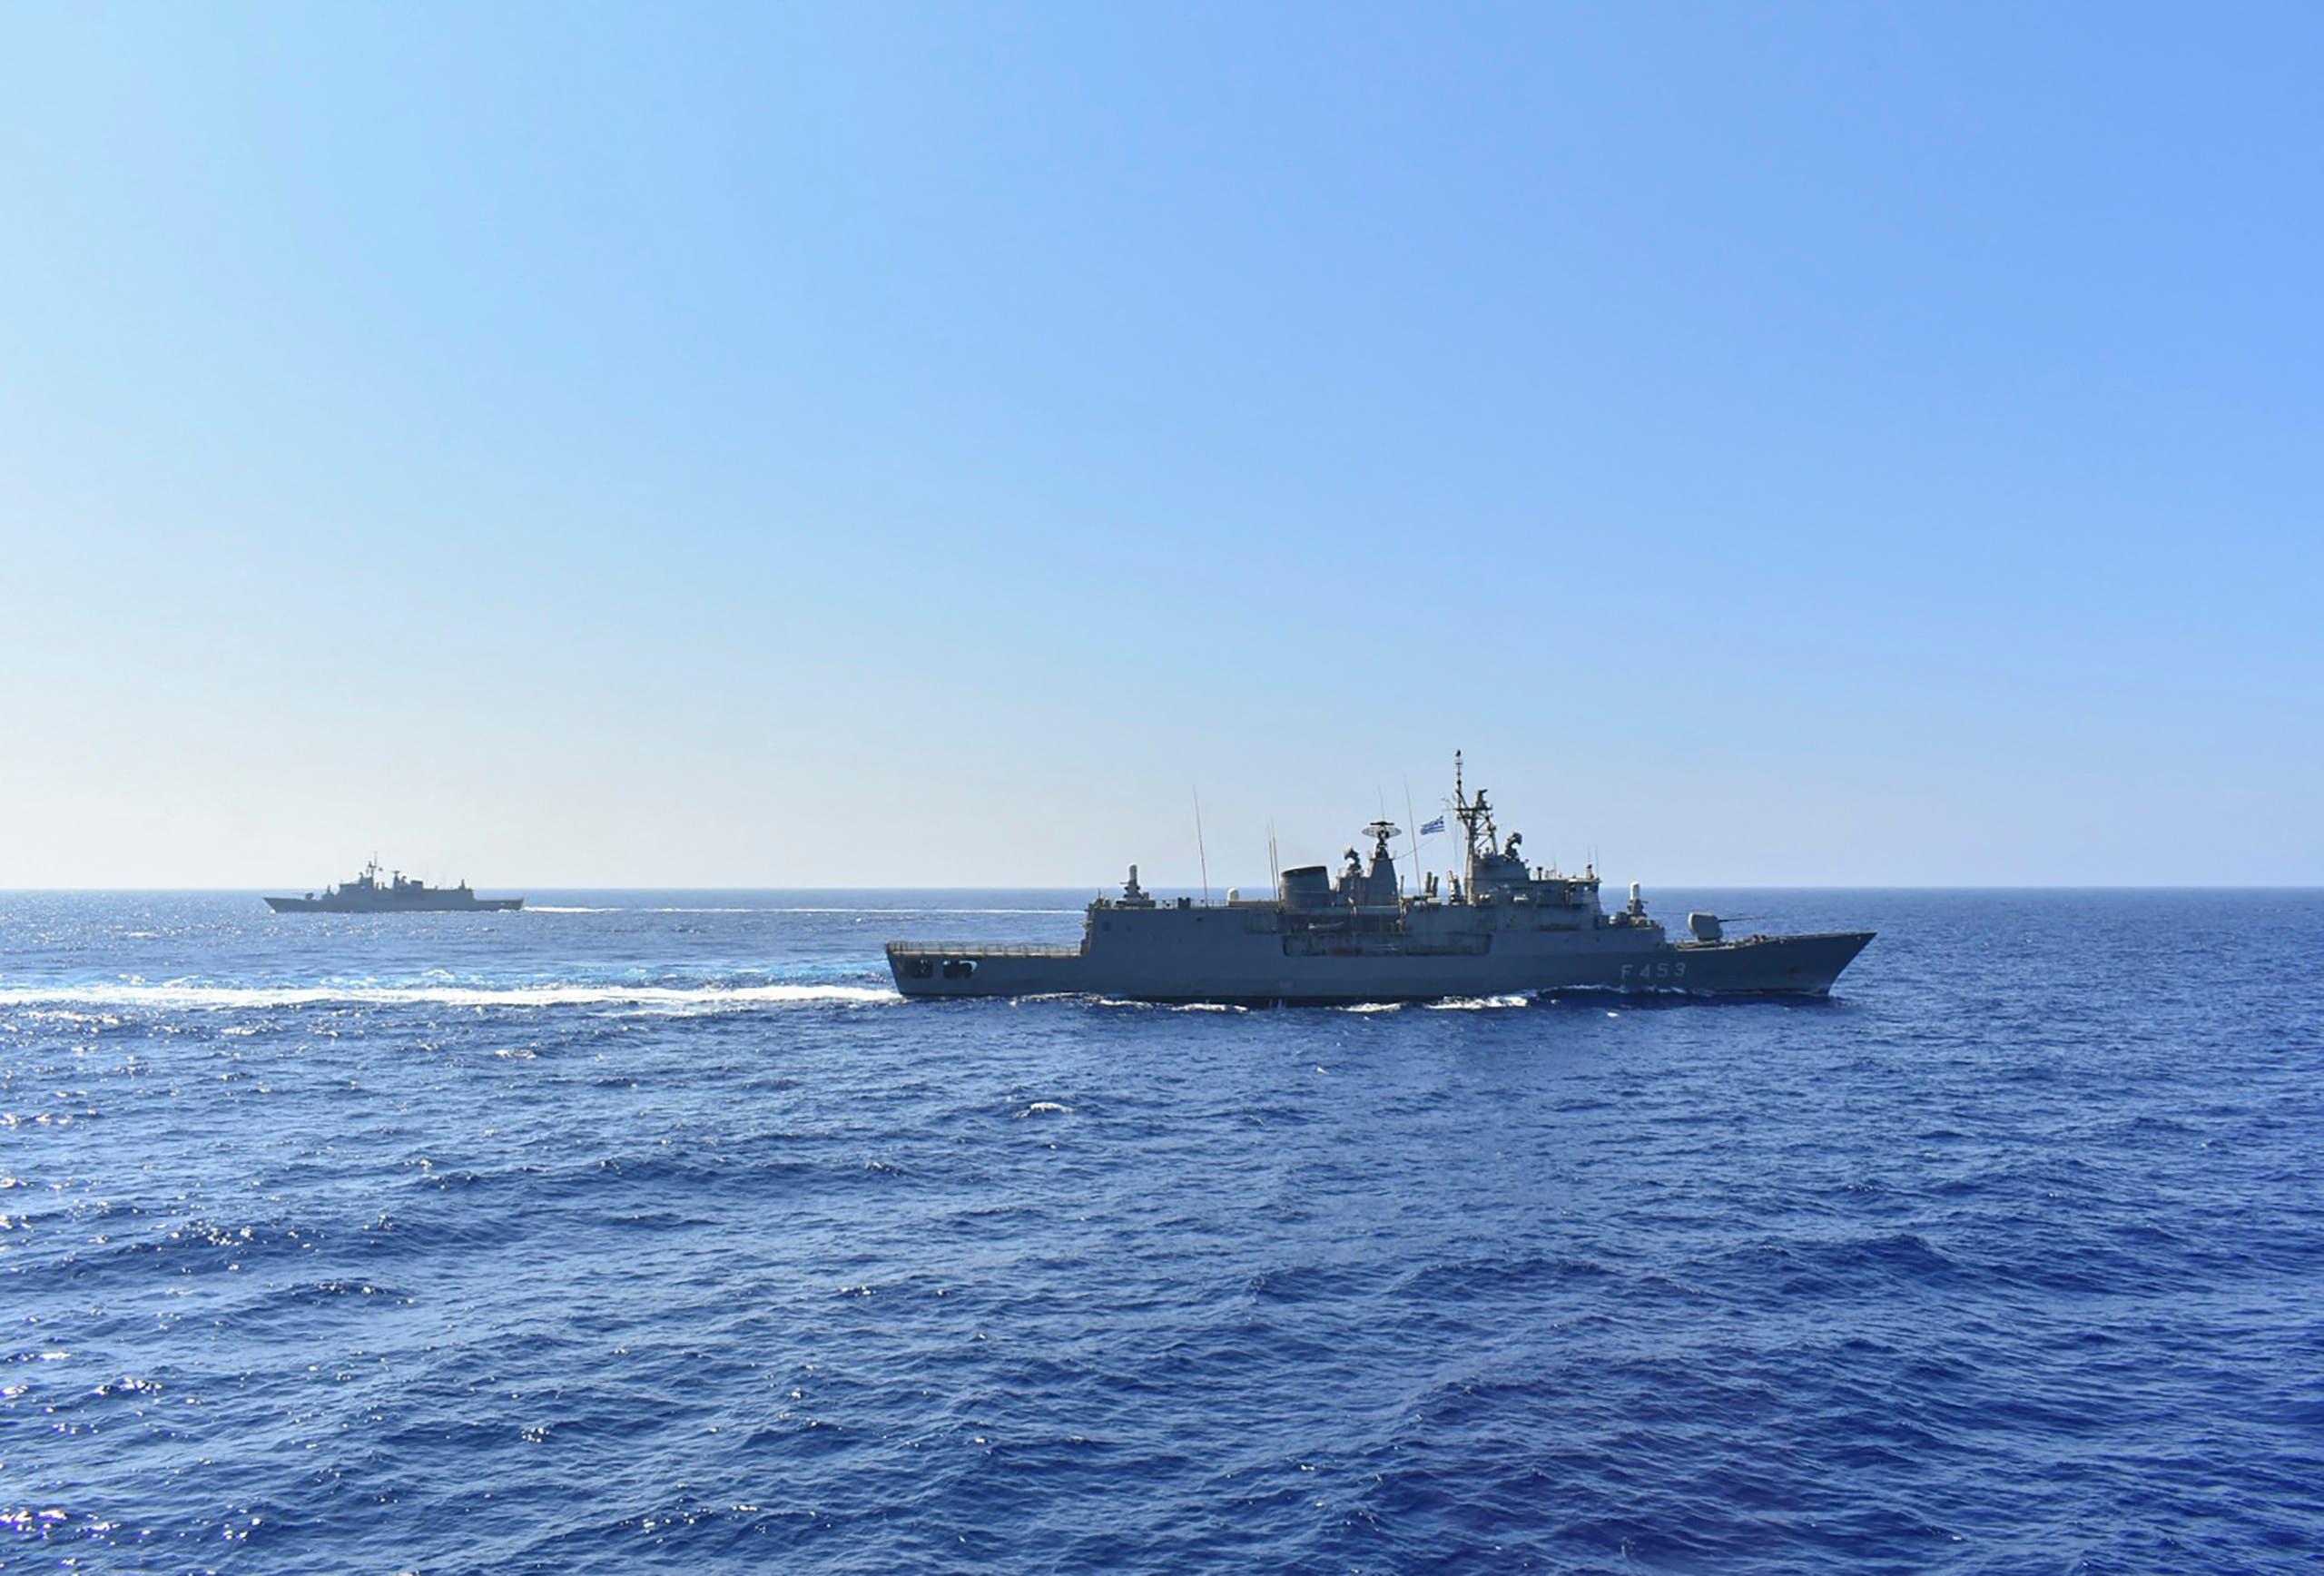 فرقاطة يونانية في شرق البحر الأبيض المتوسط يوم 25 أغسطس 2020